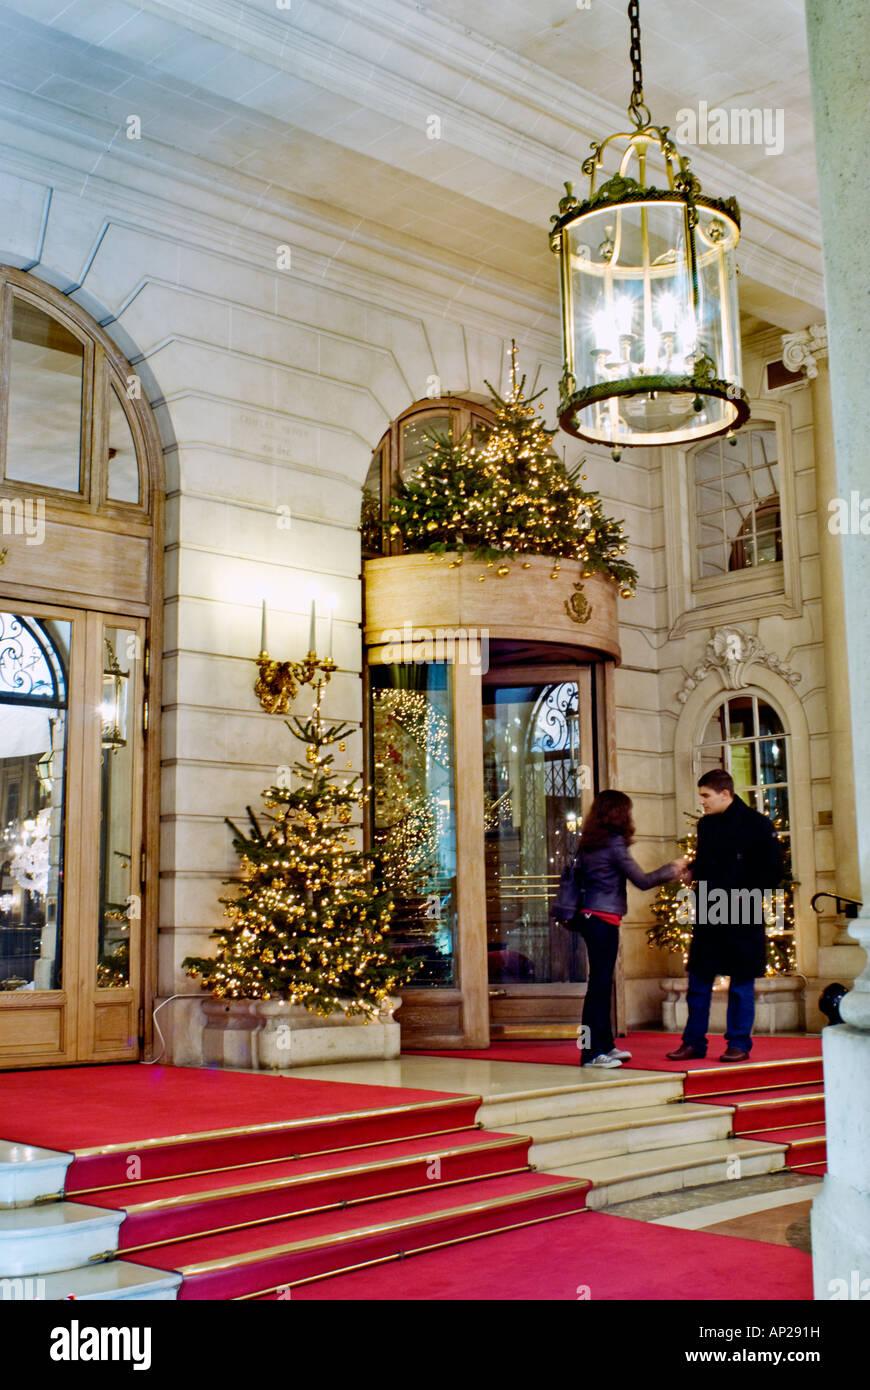 Paris France Deluxe Hotel Hotel Ritz Place Vendome